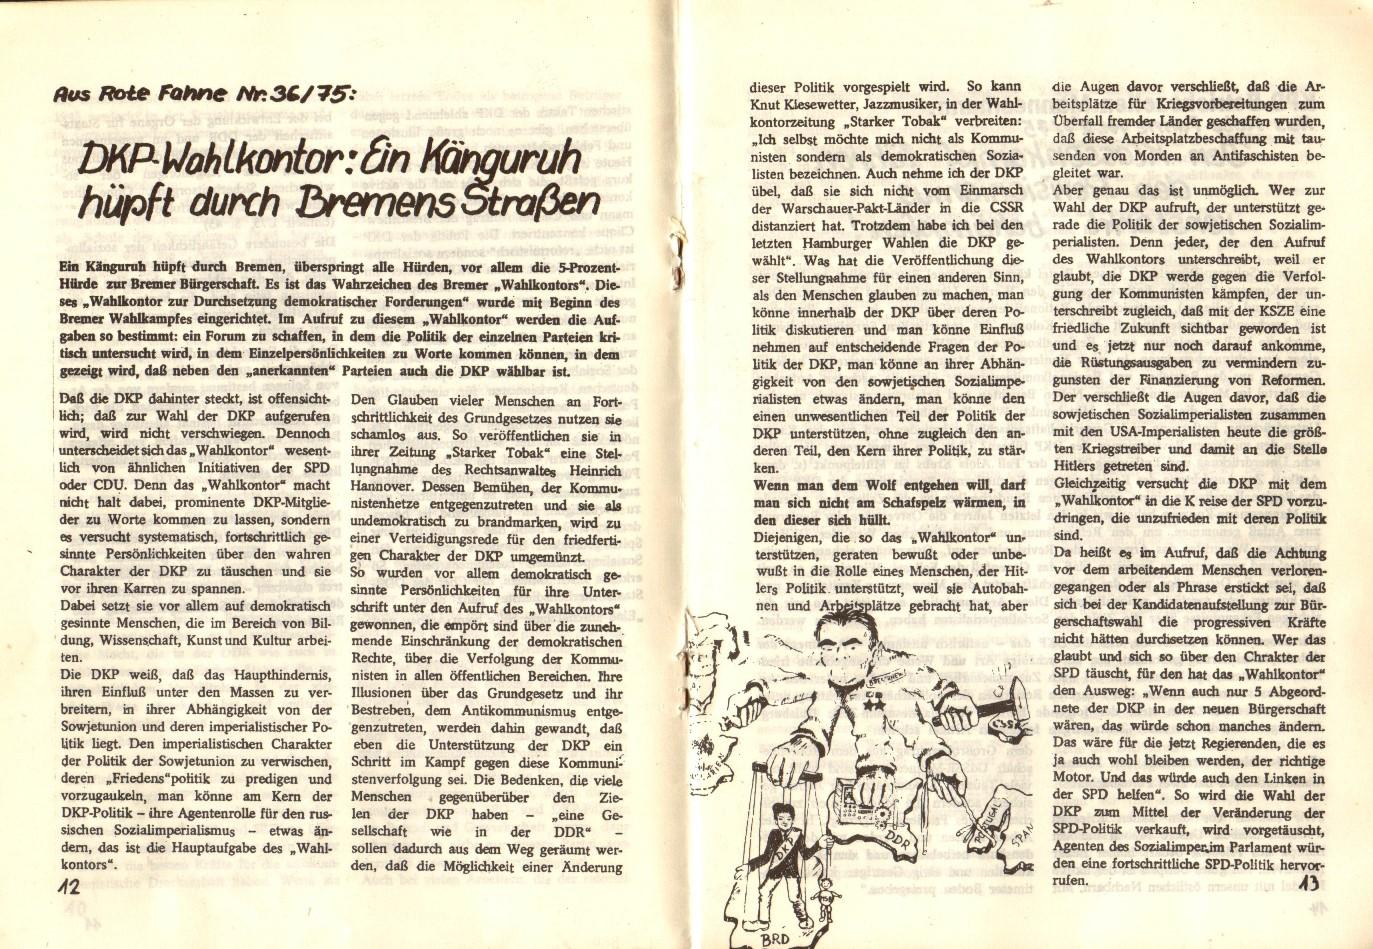 NRW_AO_1975_UZ_Sprachrohr_der_Kremlzaren_09